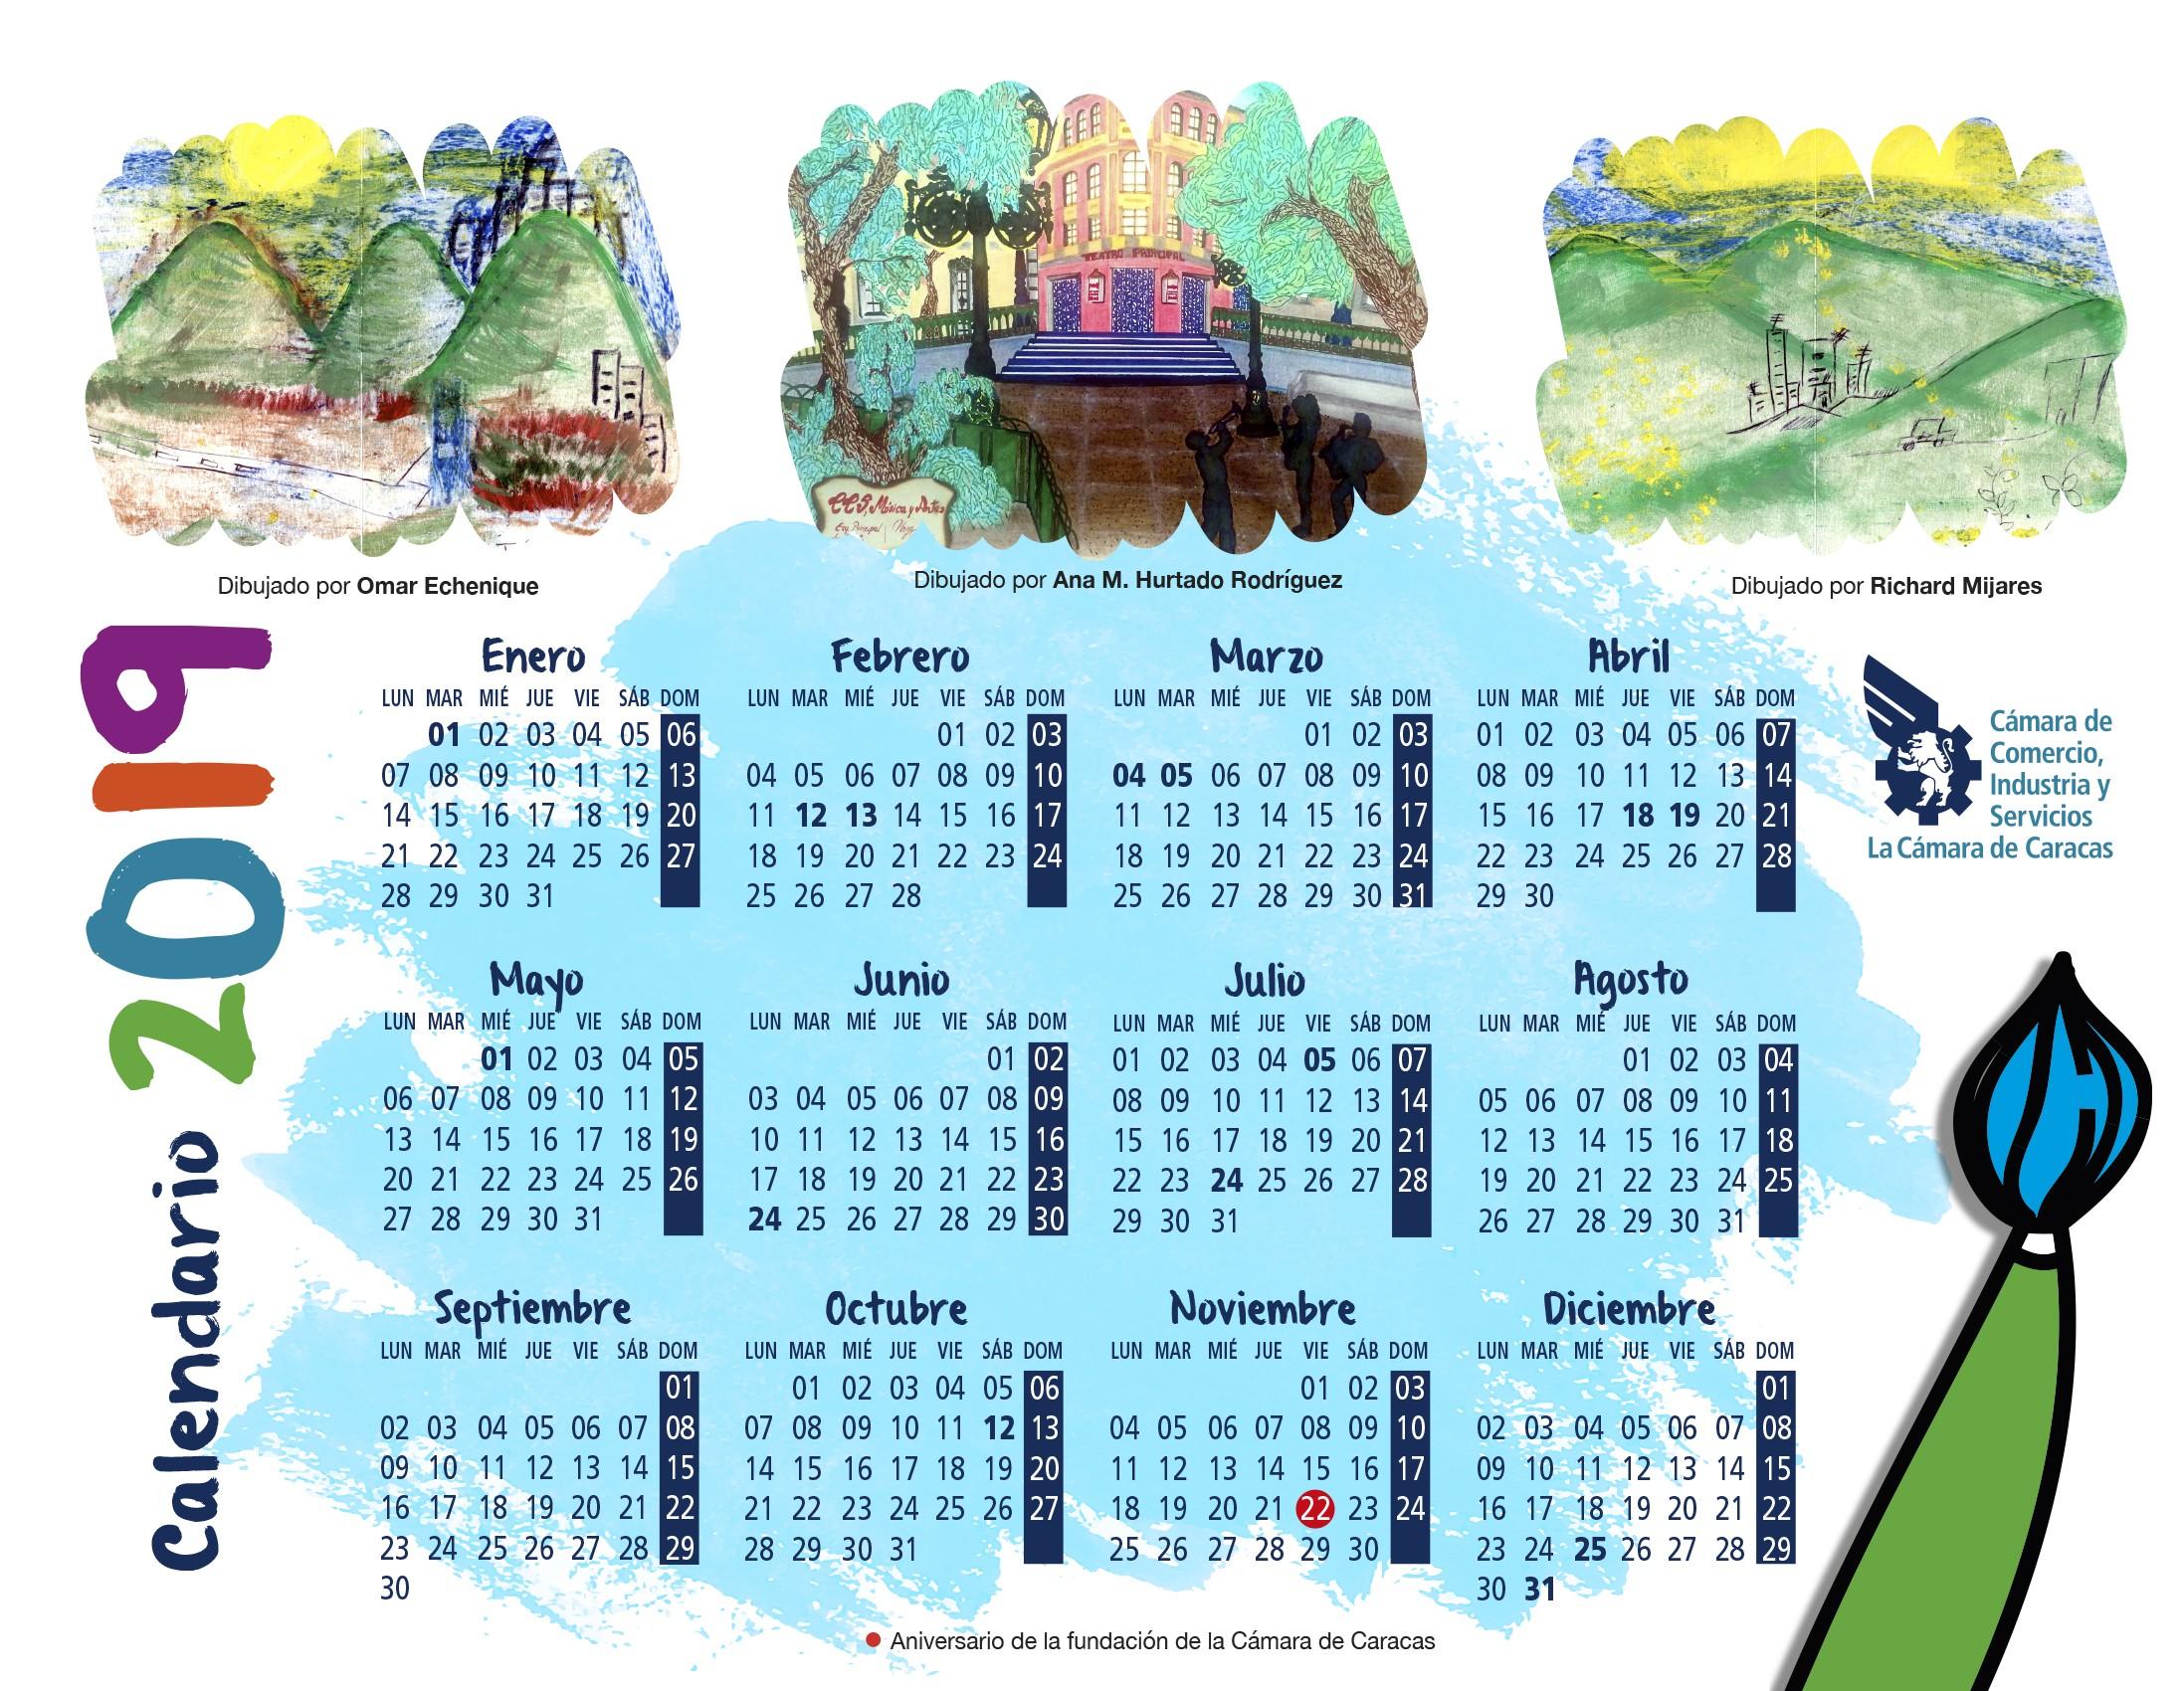 Imprimir Calendario Diciembre 2017 Y Enero 2019 Más Reciente Descarga Nuestro Calendario 2018 Cámara De Caracas Of Imprimir Calendario Diciembre 2017 Y Enero 2019 Más Actual Calendario 1 Enero ☼ Calendario 2016 ☺ Pinterest